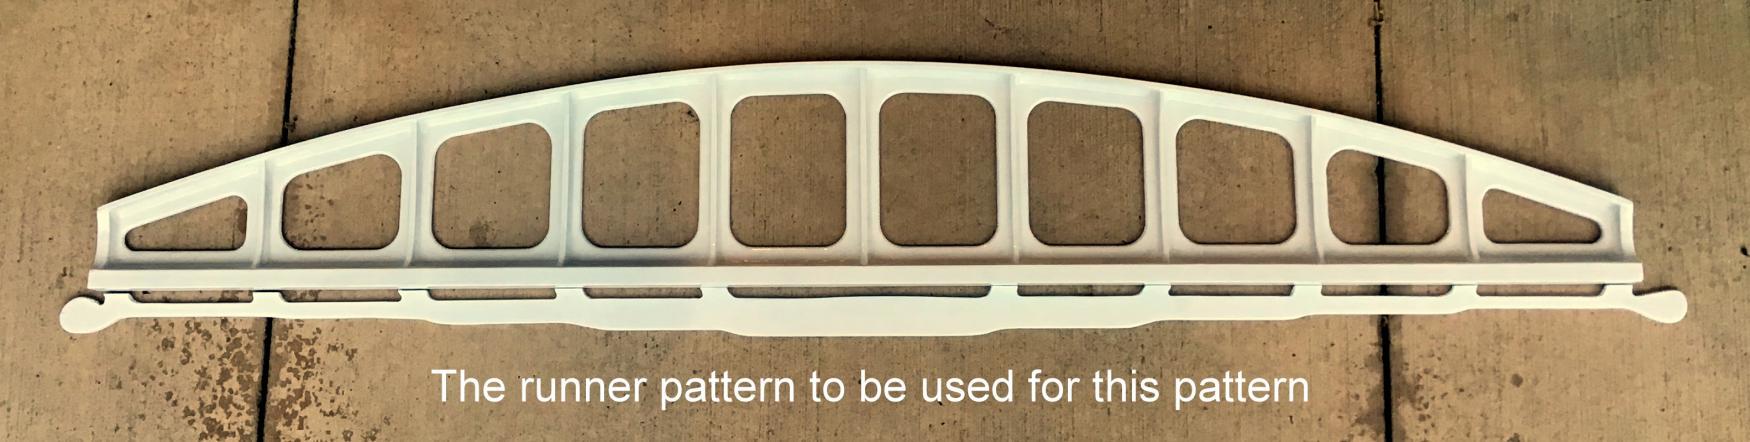 pattern-making.jpg